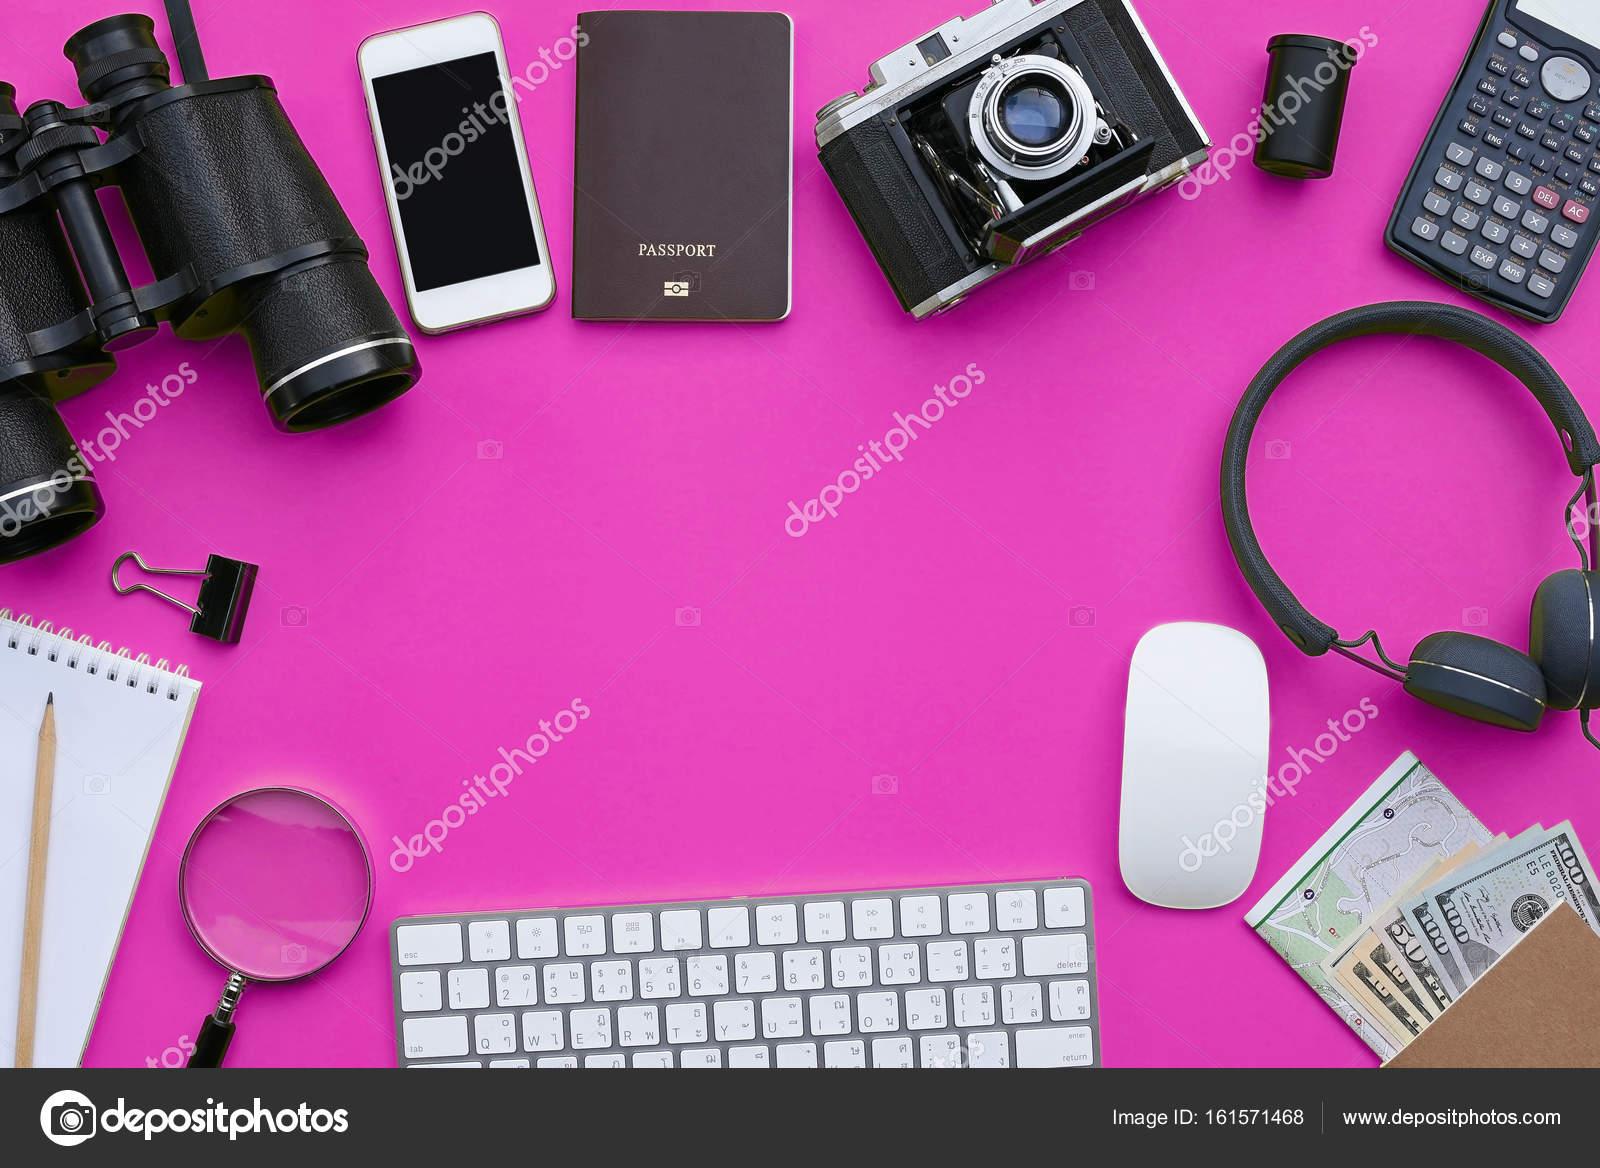 Wohnung Lag Zubehör Auf Rosa Schreibtisch Hintergrund Stockfoto